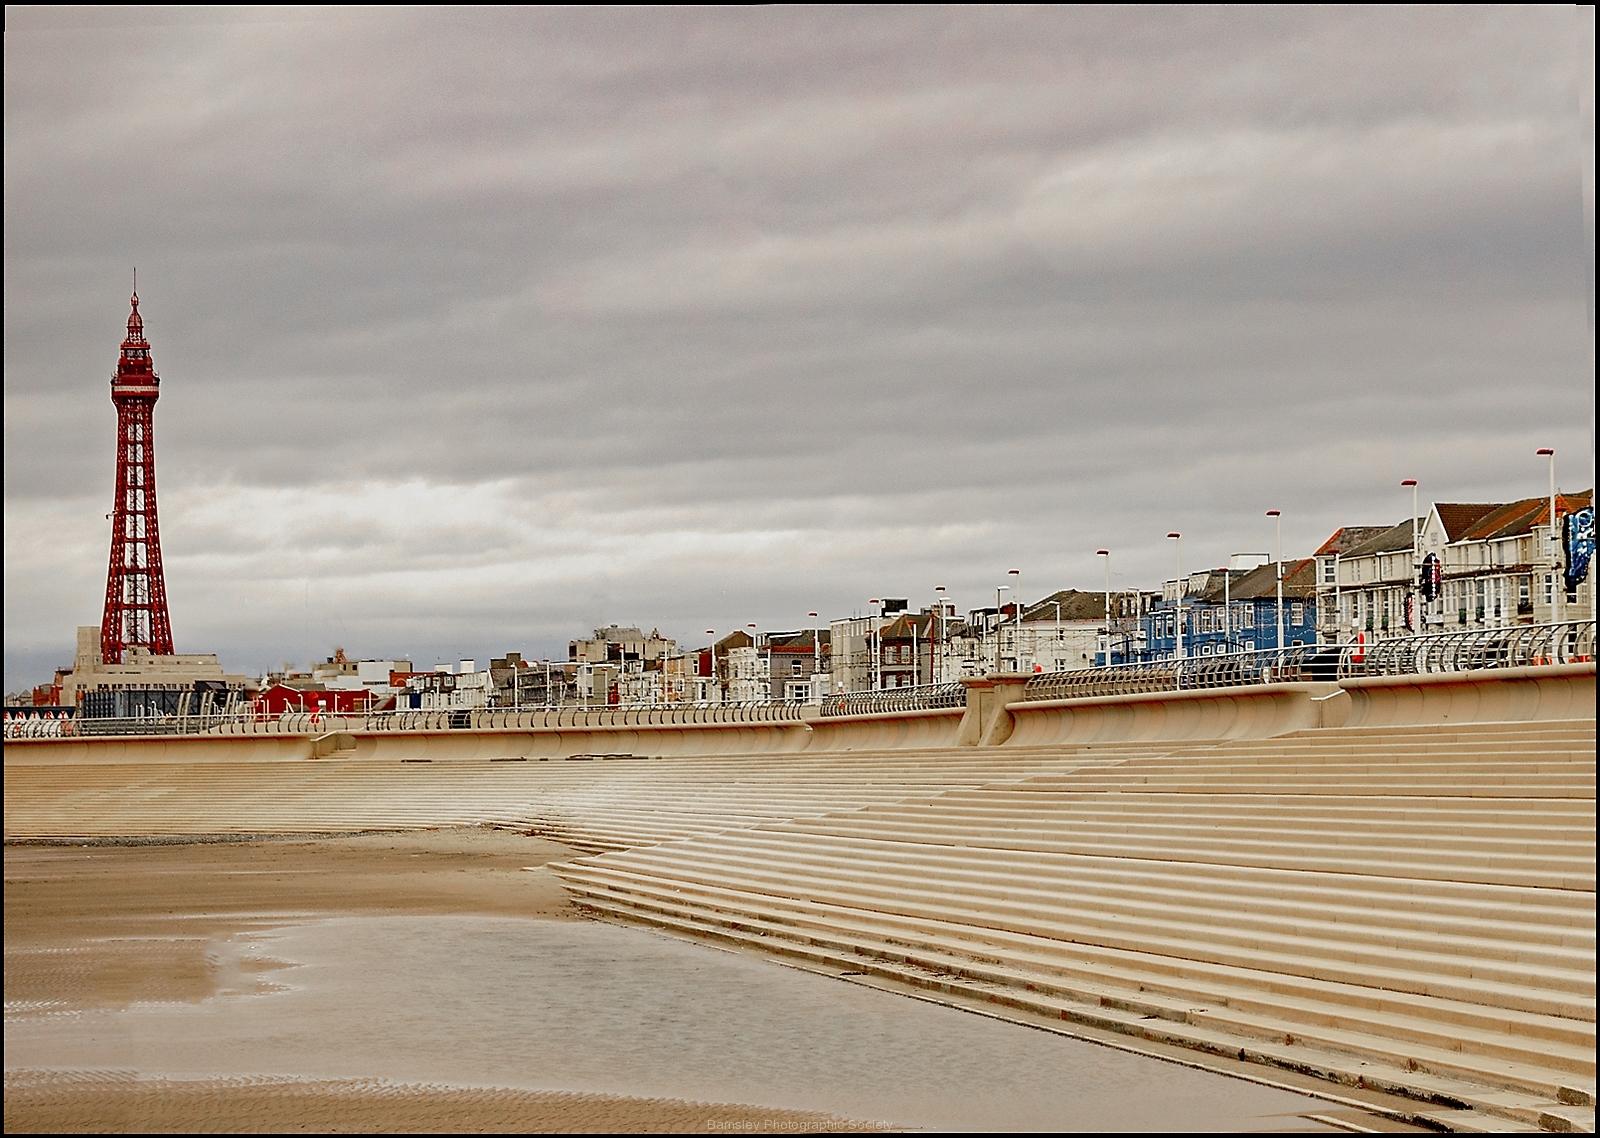 Blackpool Tower by Roy Lloyd